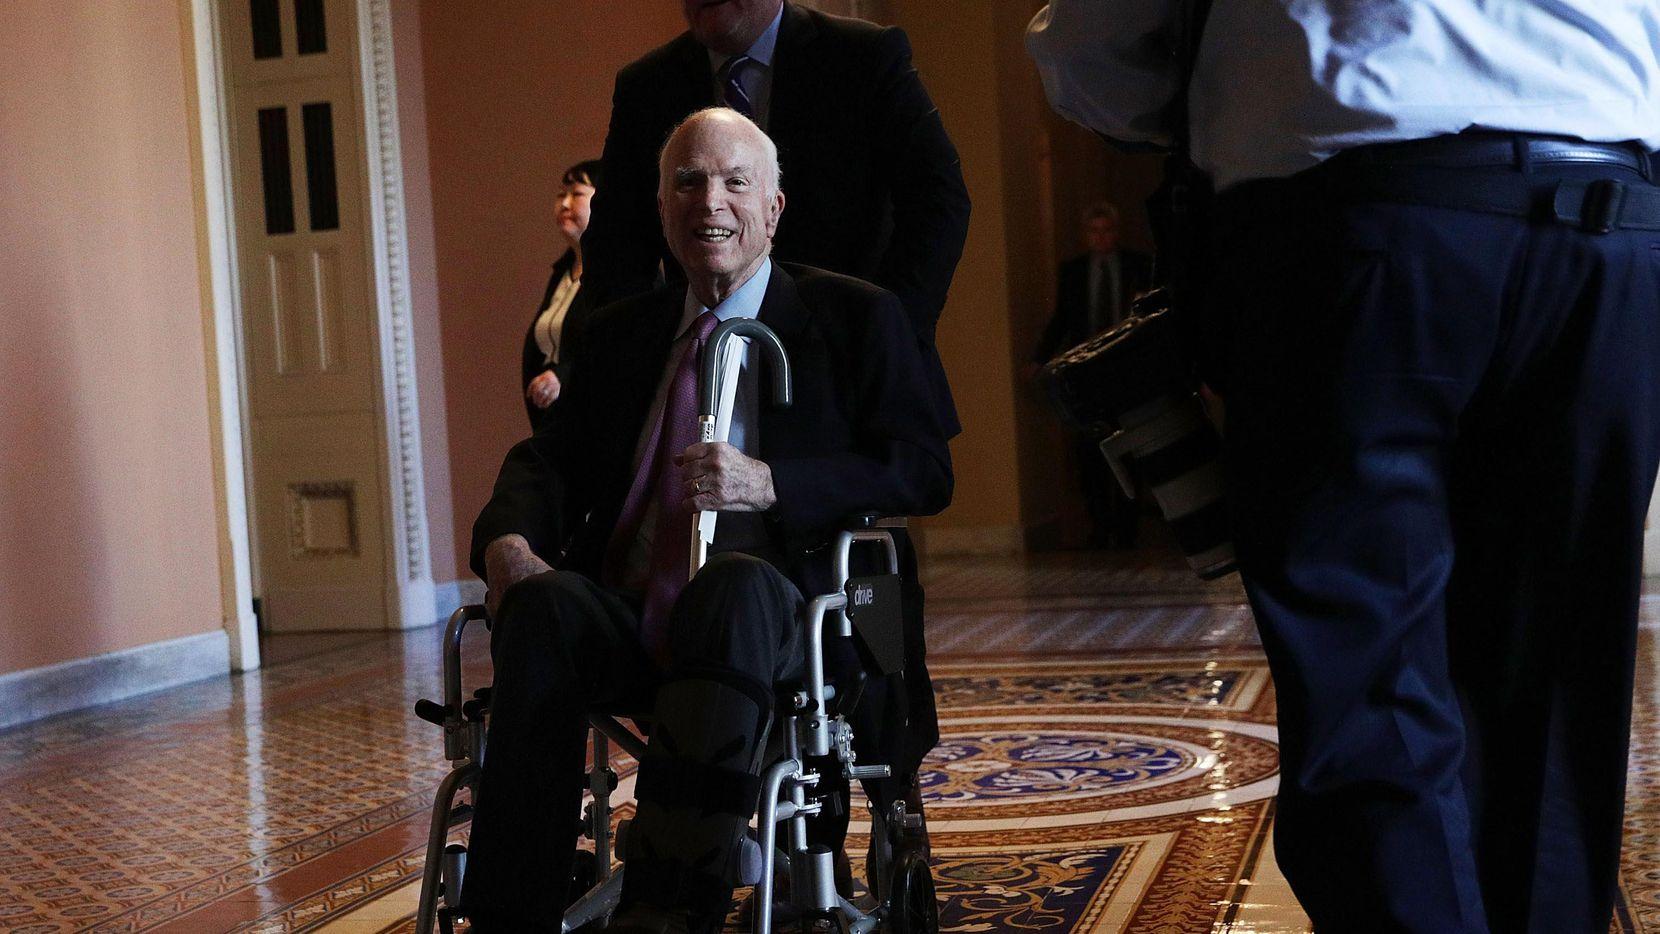 El senador John McCain en una de sus últimas visitas al Congreso en diciembre.(GETTY IMAGES)